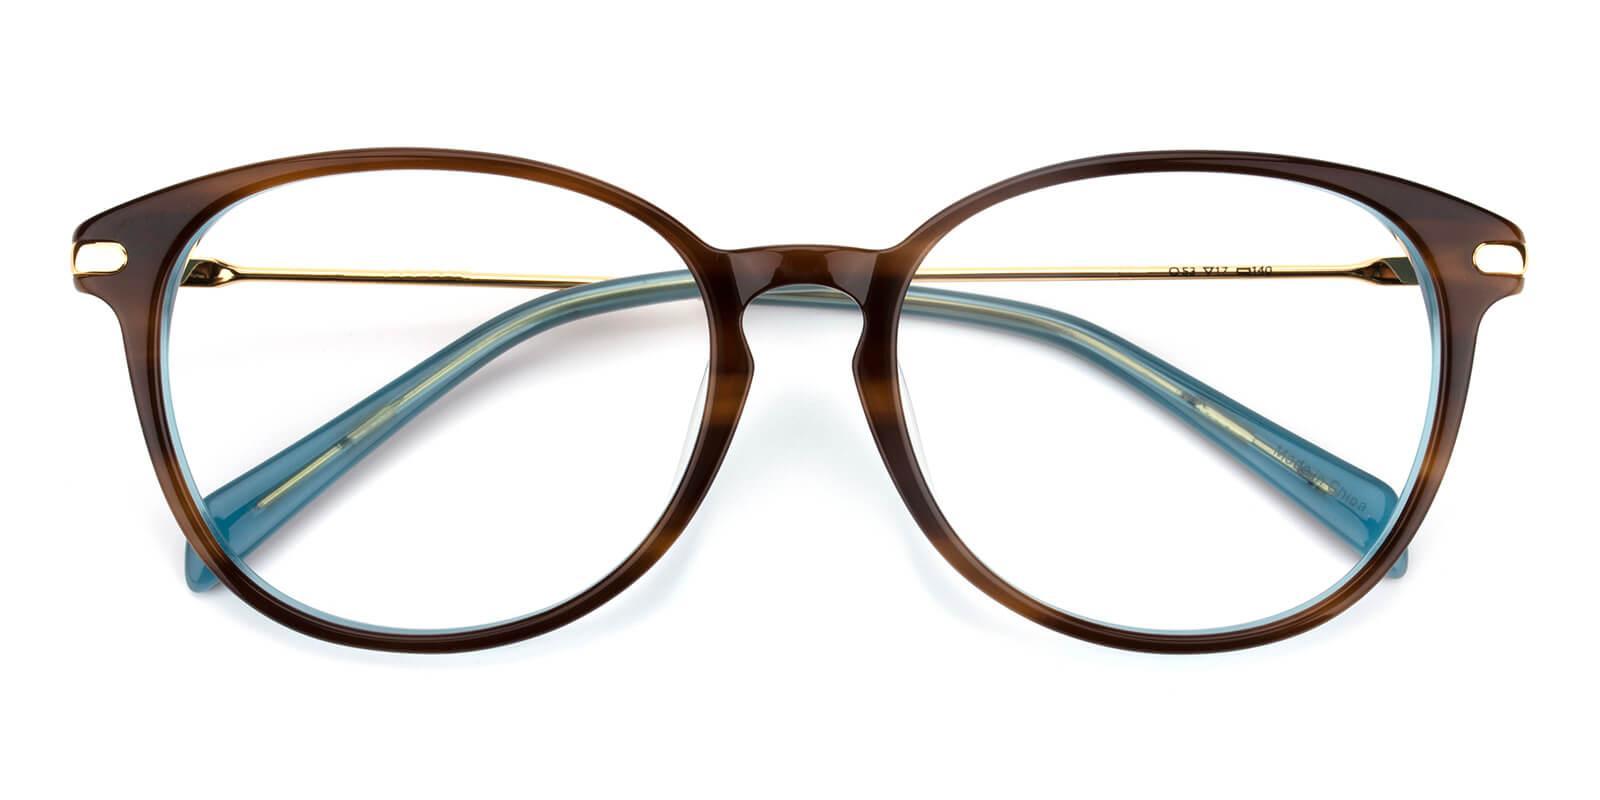 Hindoom-Tortoise-Round-Acetate-Eyeglasses-detail